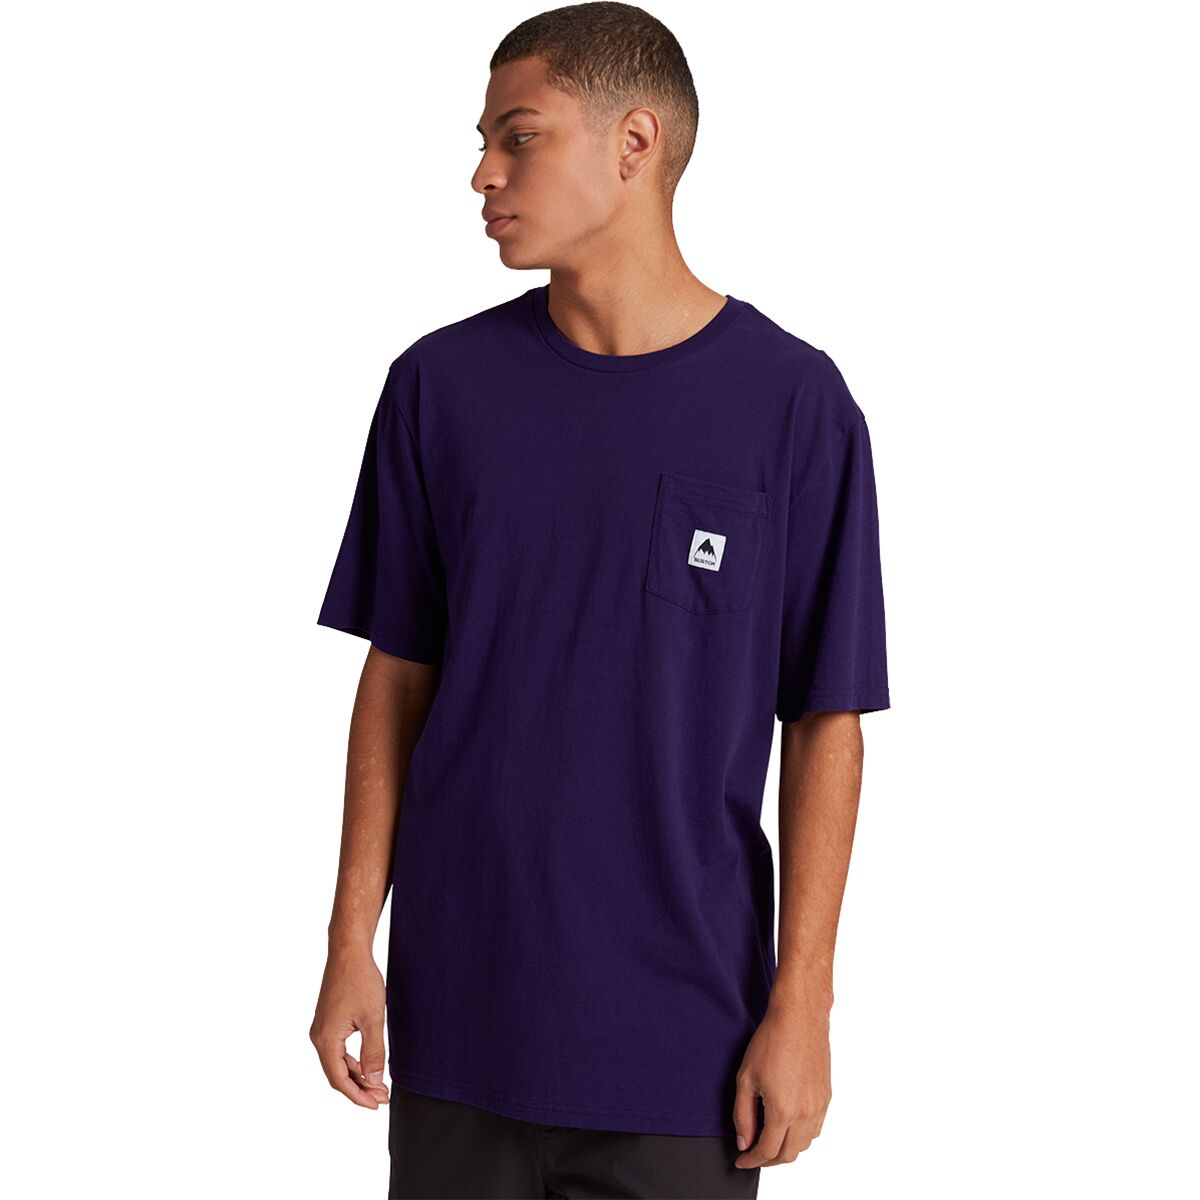 Colfax Short-Sleeve T-Shirt - Men